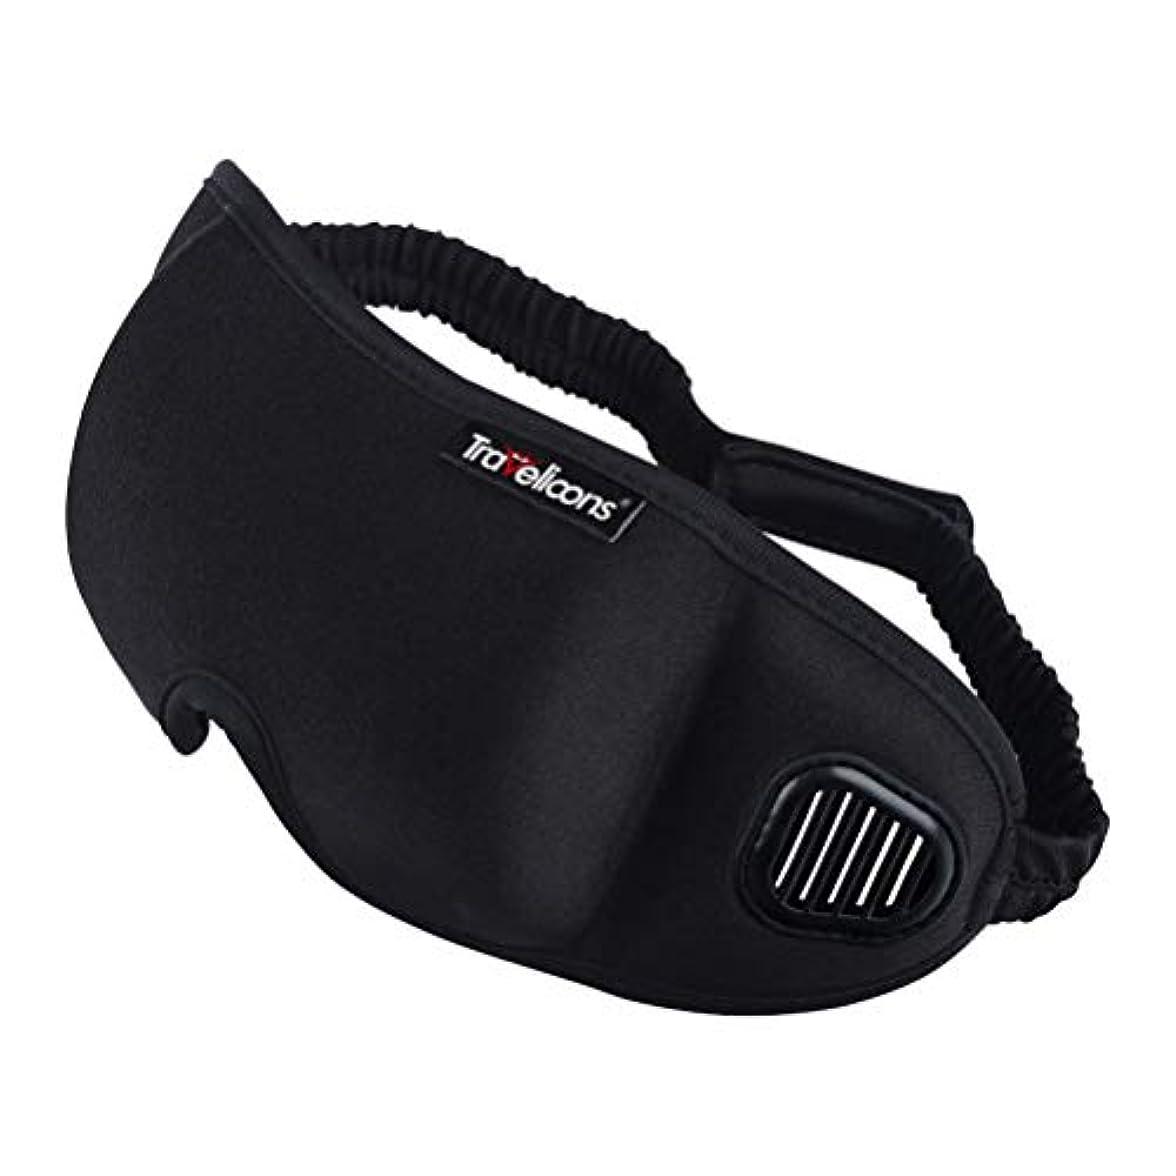 静かな型深いSUPVOX 男性と女性のための3Dスリープアイマスク(耳栓のない黒)